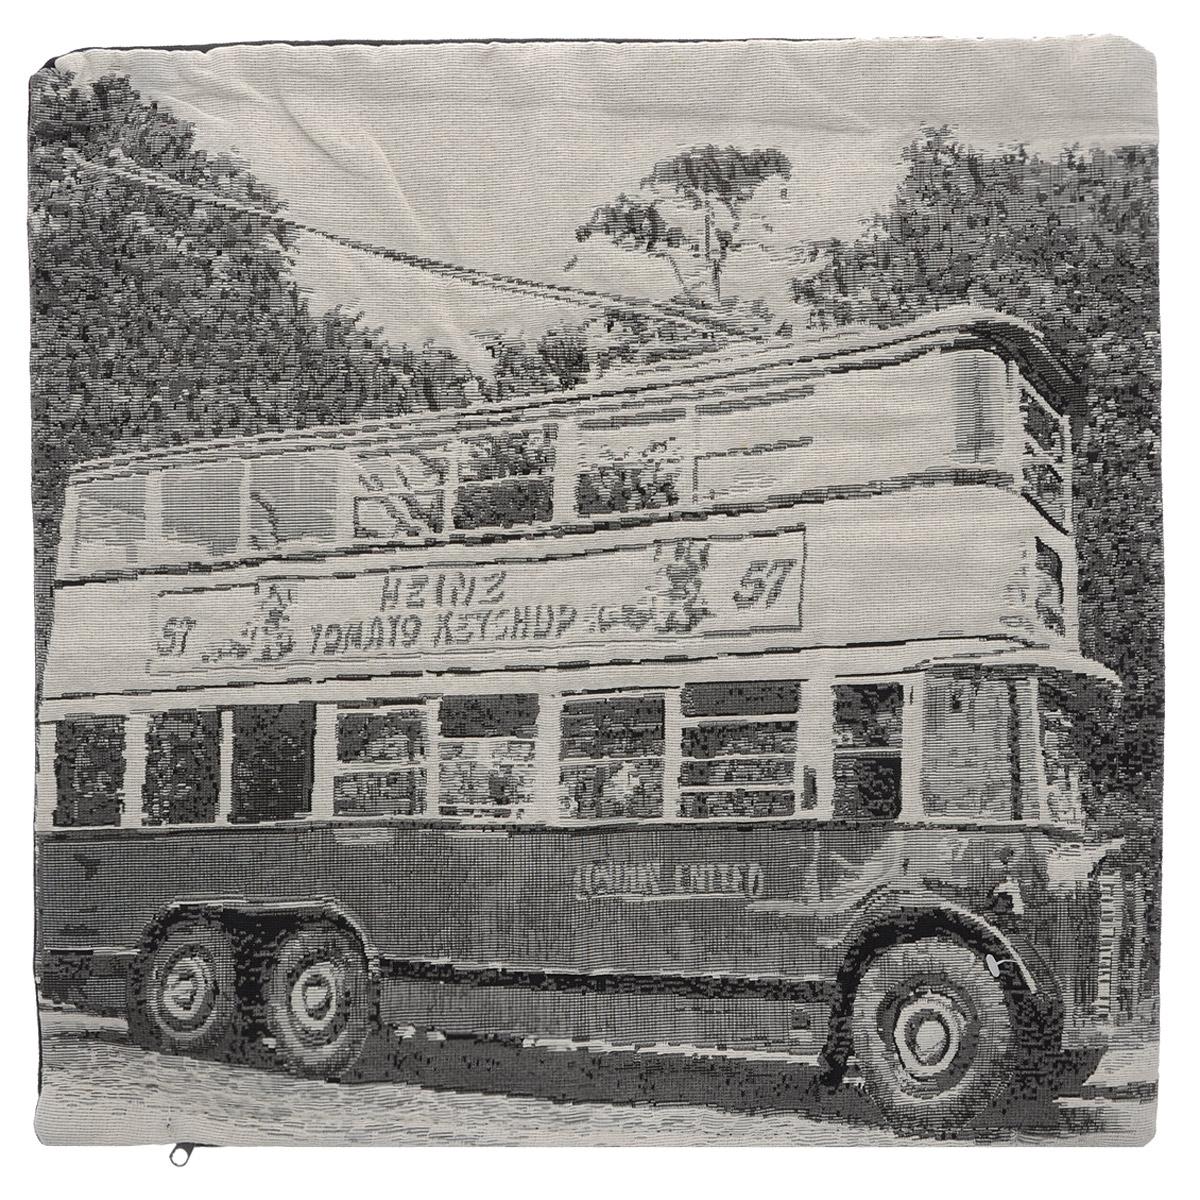 Наволочка декоративная Schaefer, цвет: бежевый, черный, 45 х 45 см 07370-50207370-502Изысканная наволочка Schaefer выполнена из полиэстера (65%) и хлопка (35%). Лицевая сторона наволочки декорирована вышитым изображением лондонского автобуса.Наволочка застегивается на застежку-молнию. Изделия из искусственных волокон легко стирать: они не мнутся, не садятся и быстро сохнут, они более долговечны, чем изделия из натуральных волокон.Это изделие немецких дизайнеров не останется без внимания ваших гостей, а вас будет ежедневно радовать своим позитивом.